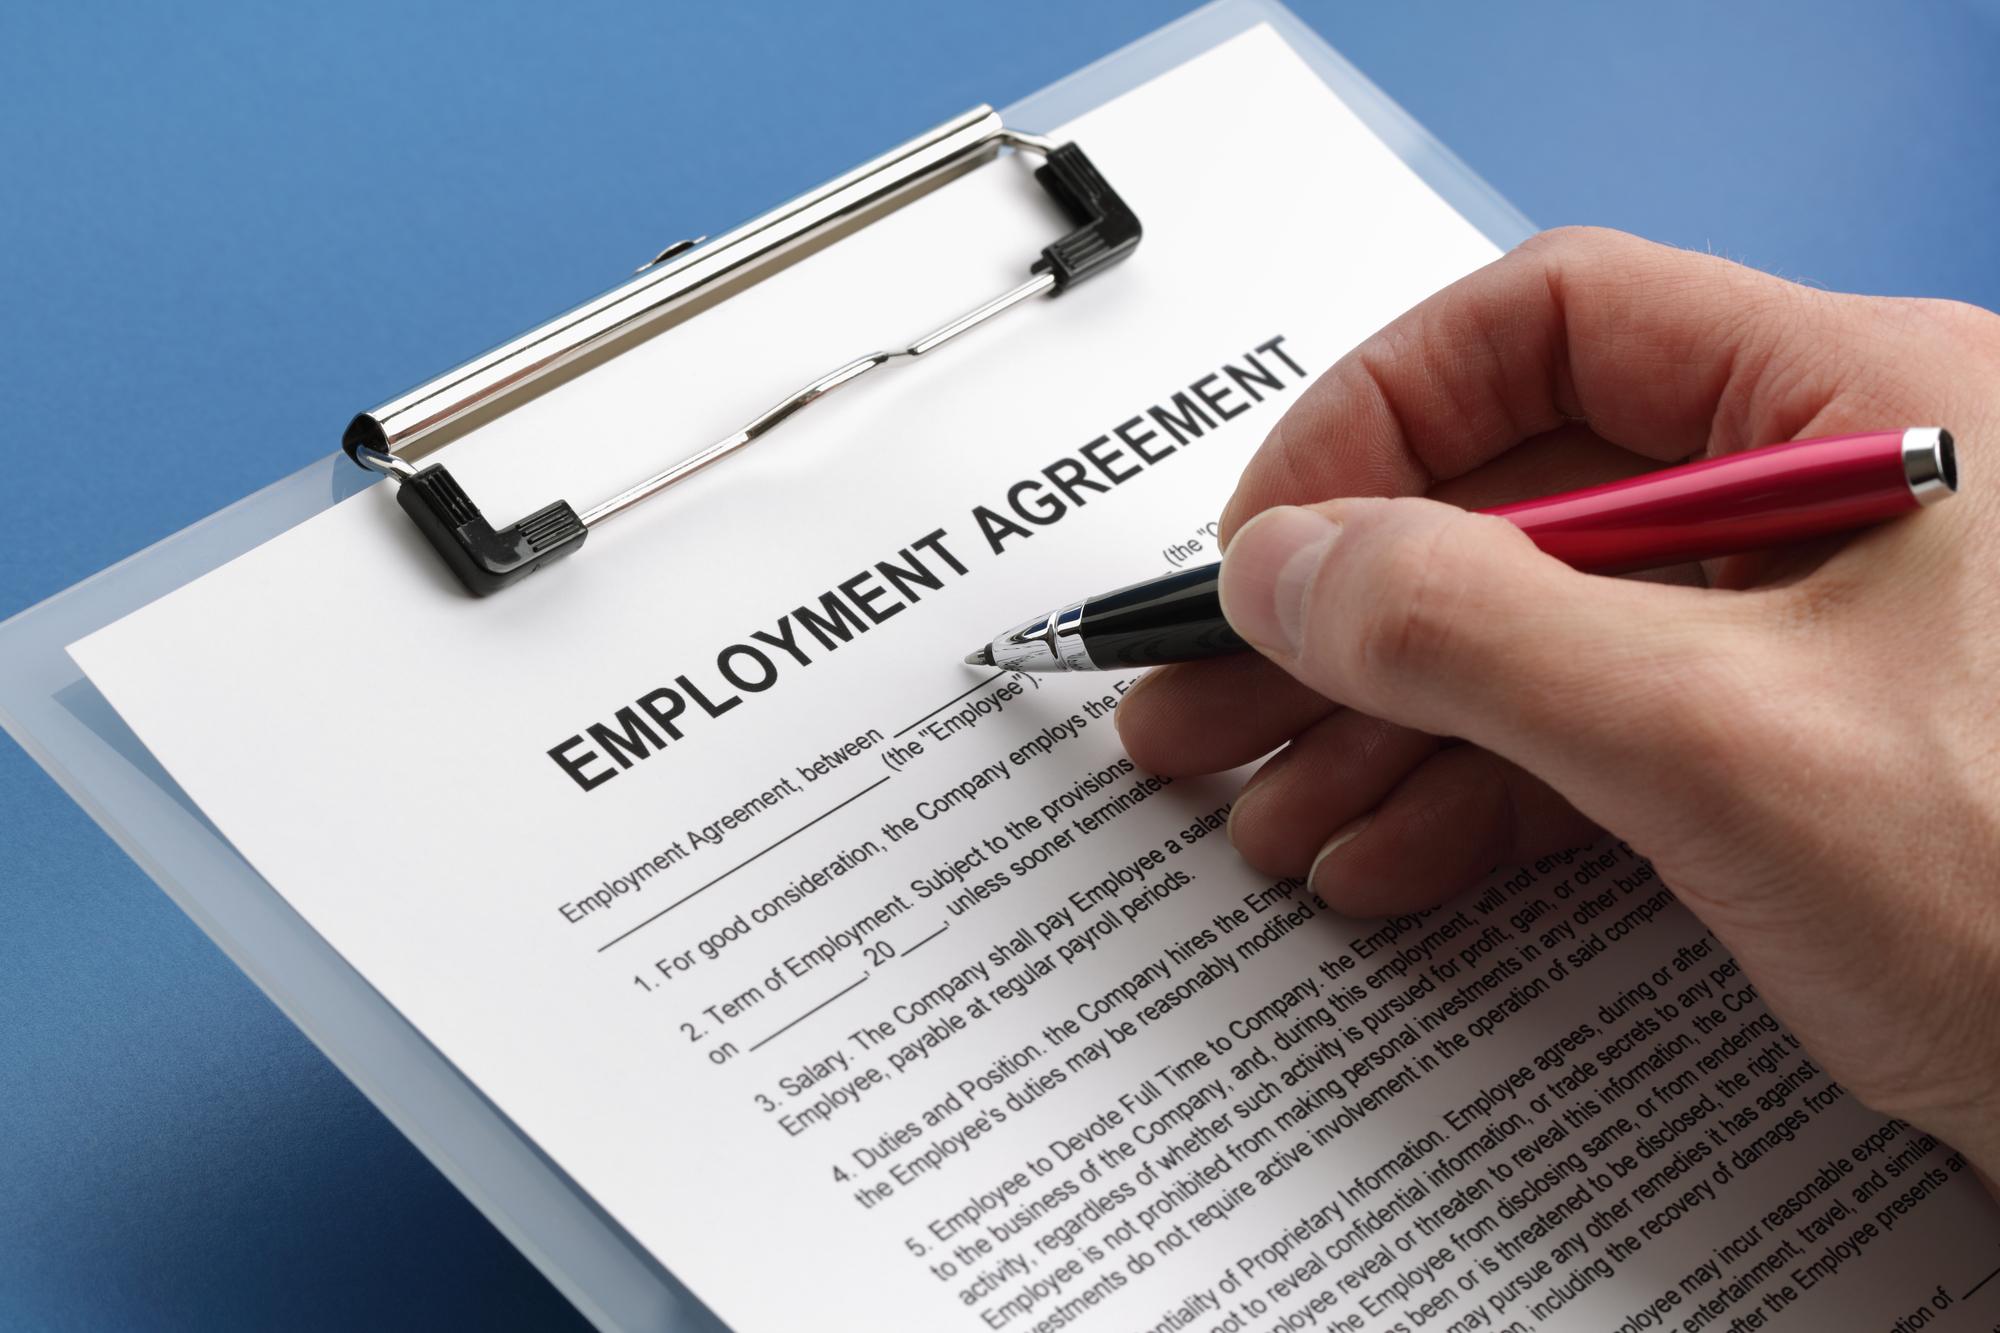 Arbeidsrecht: De beëindiging van de arbeidsovereenkomst